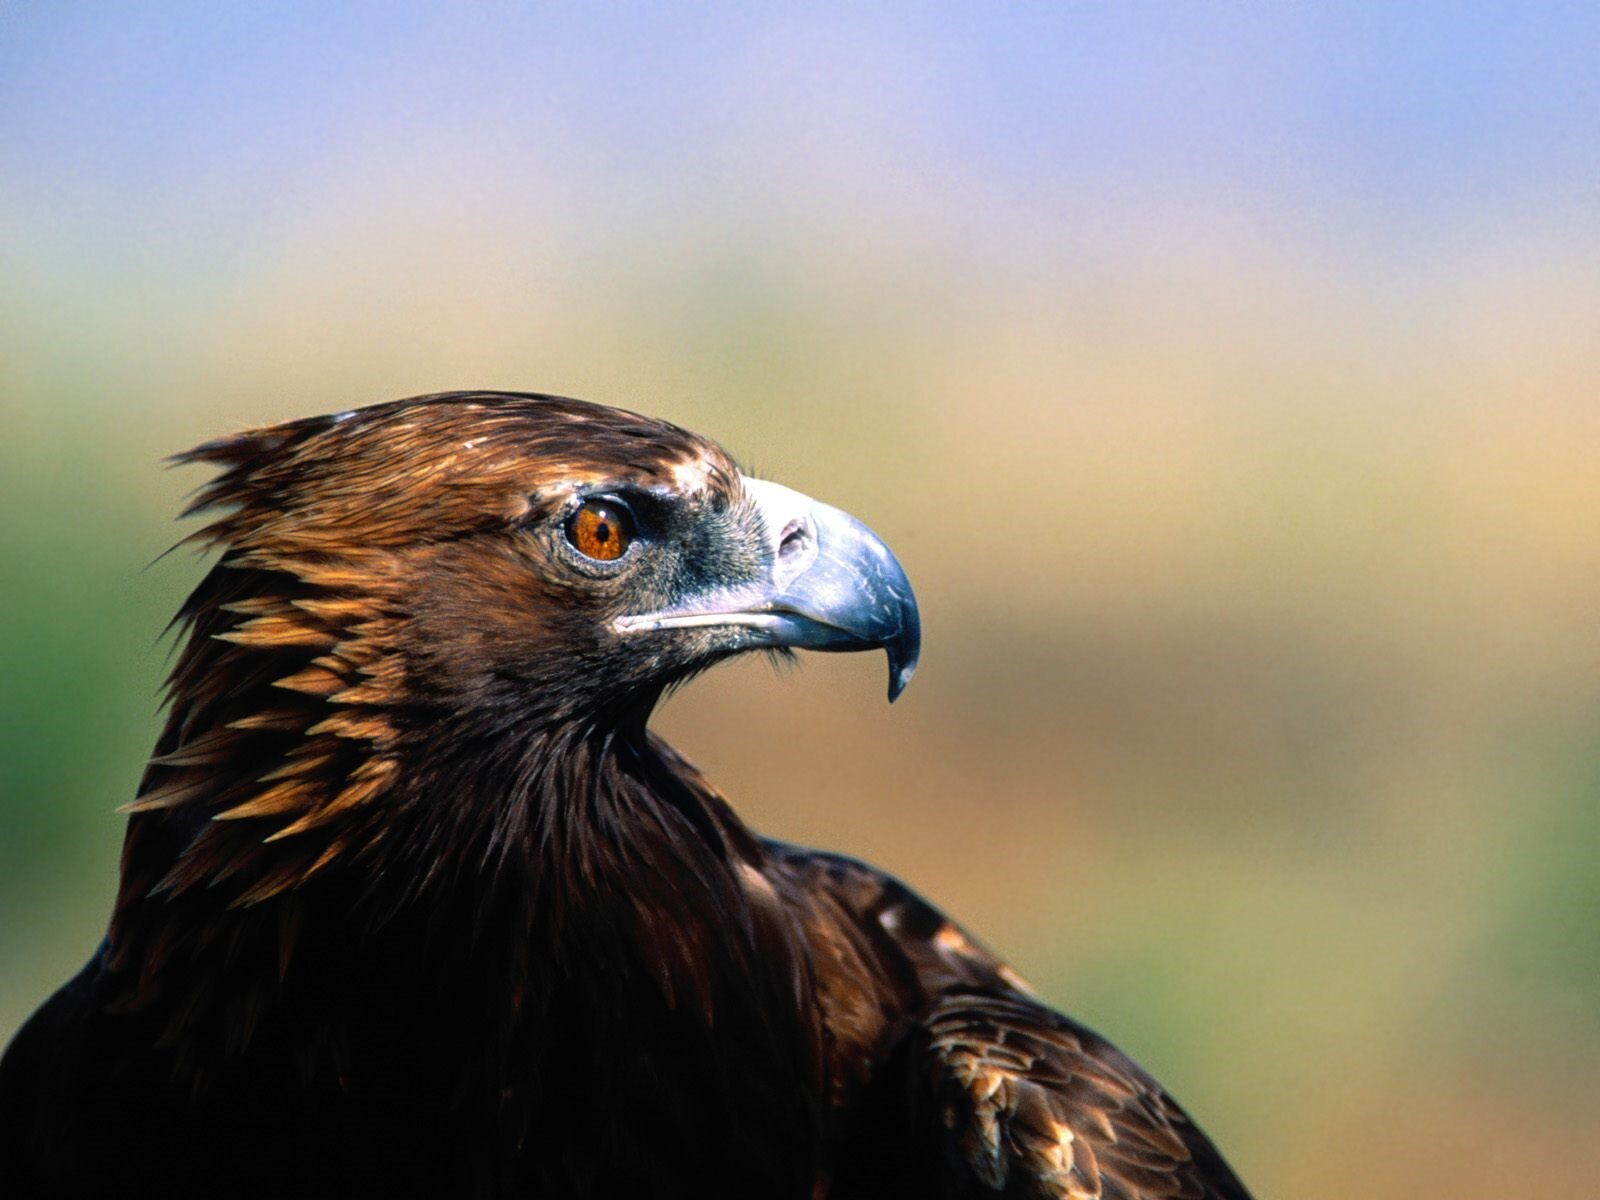 Hd wallpaper eagle - Eagle Wallpapers